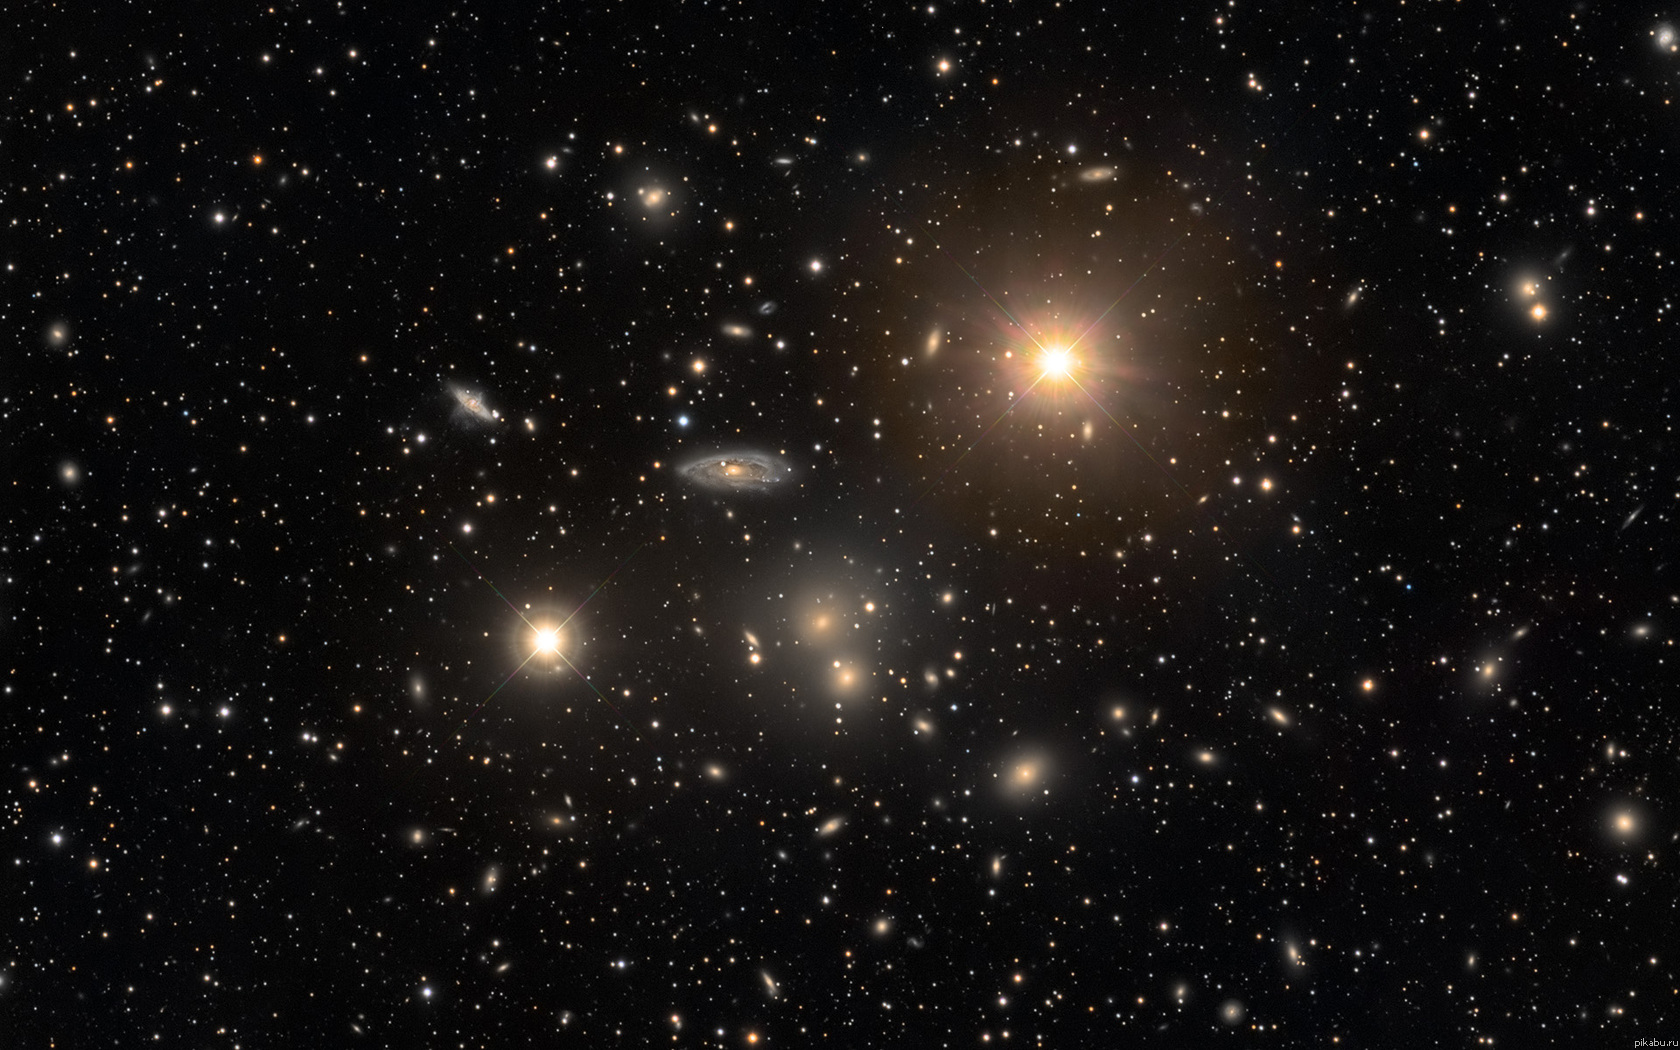 Скопление галактик в созвездии Гидра